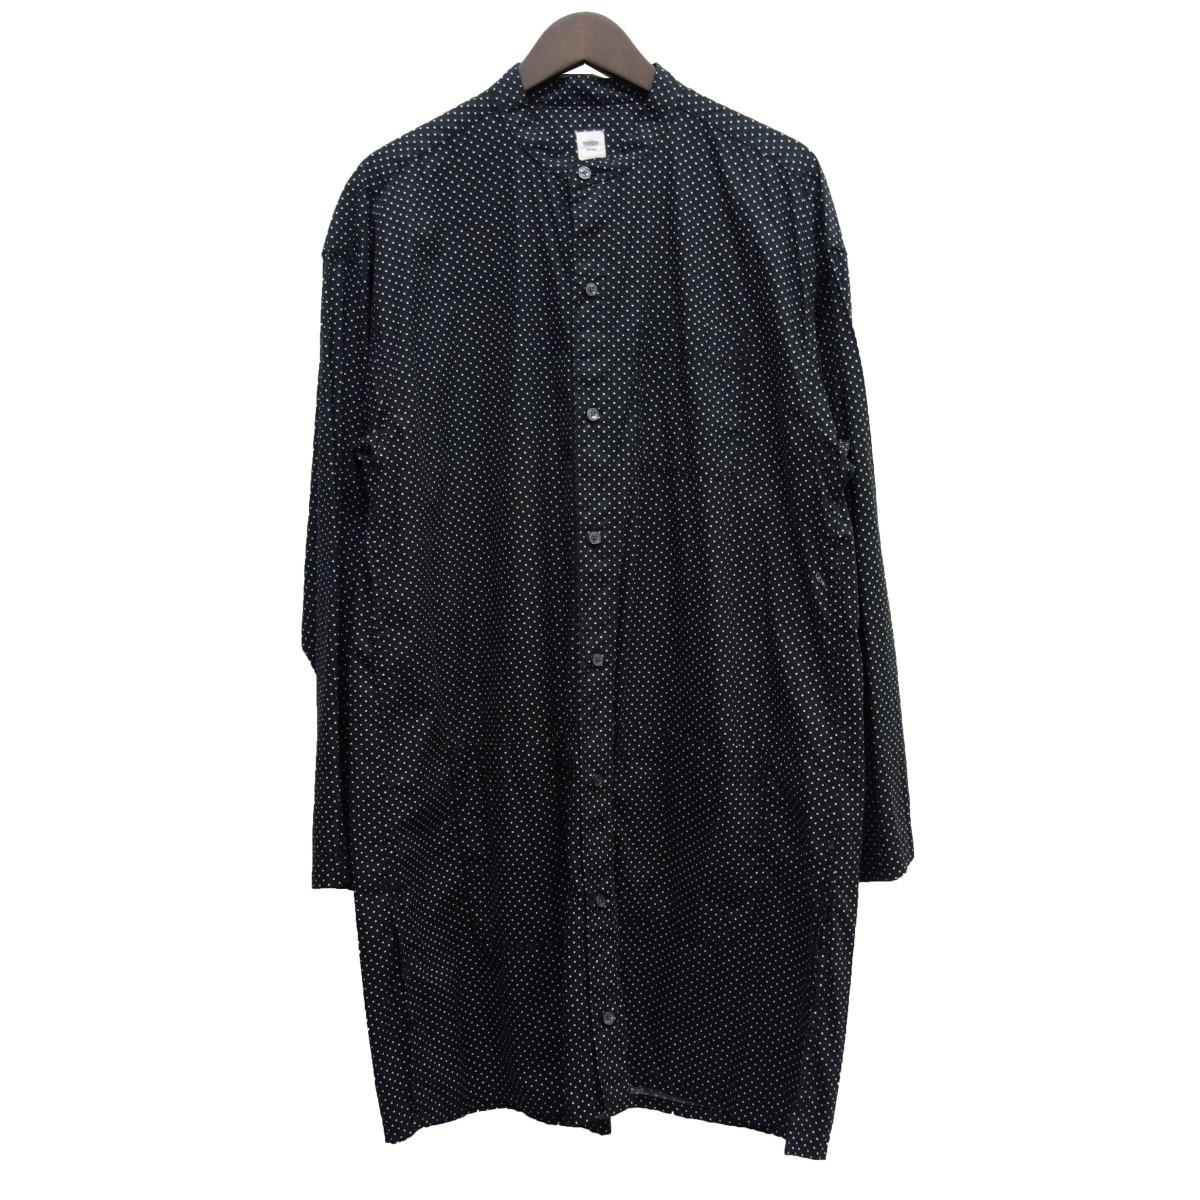 【中古】RANDT バンドカラードットシャツジャケット ブラック サイズ:S 【030520】(アールアンドティー)